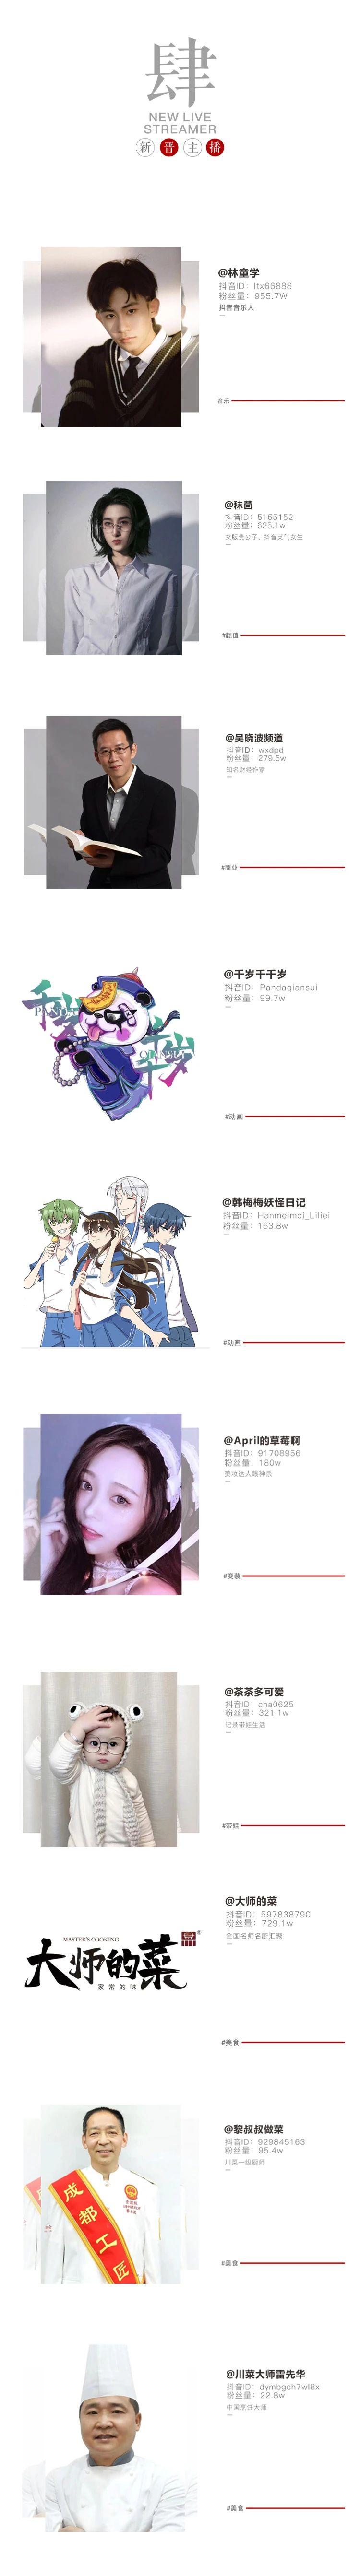 企业大事记 OST传媒5月大事记第5张